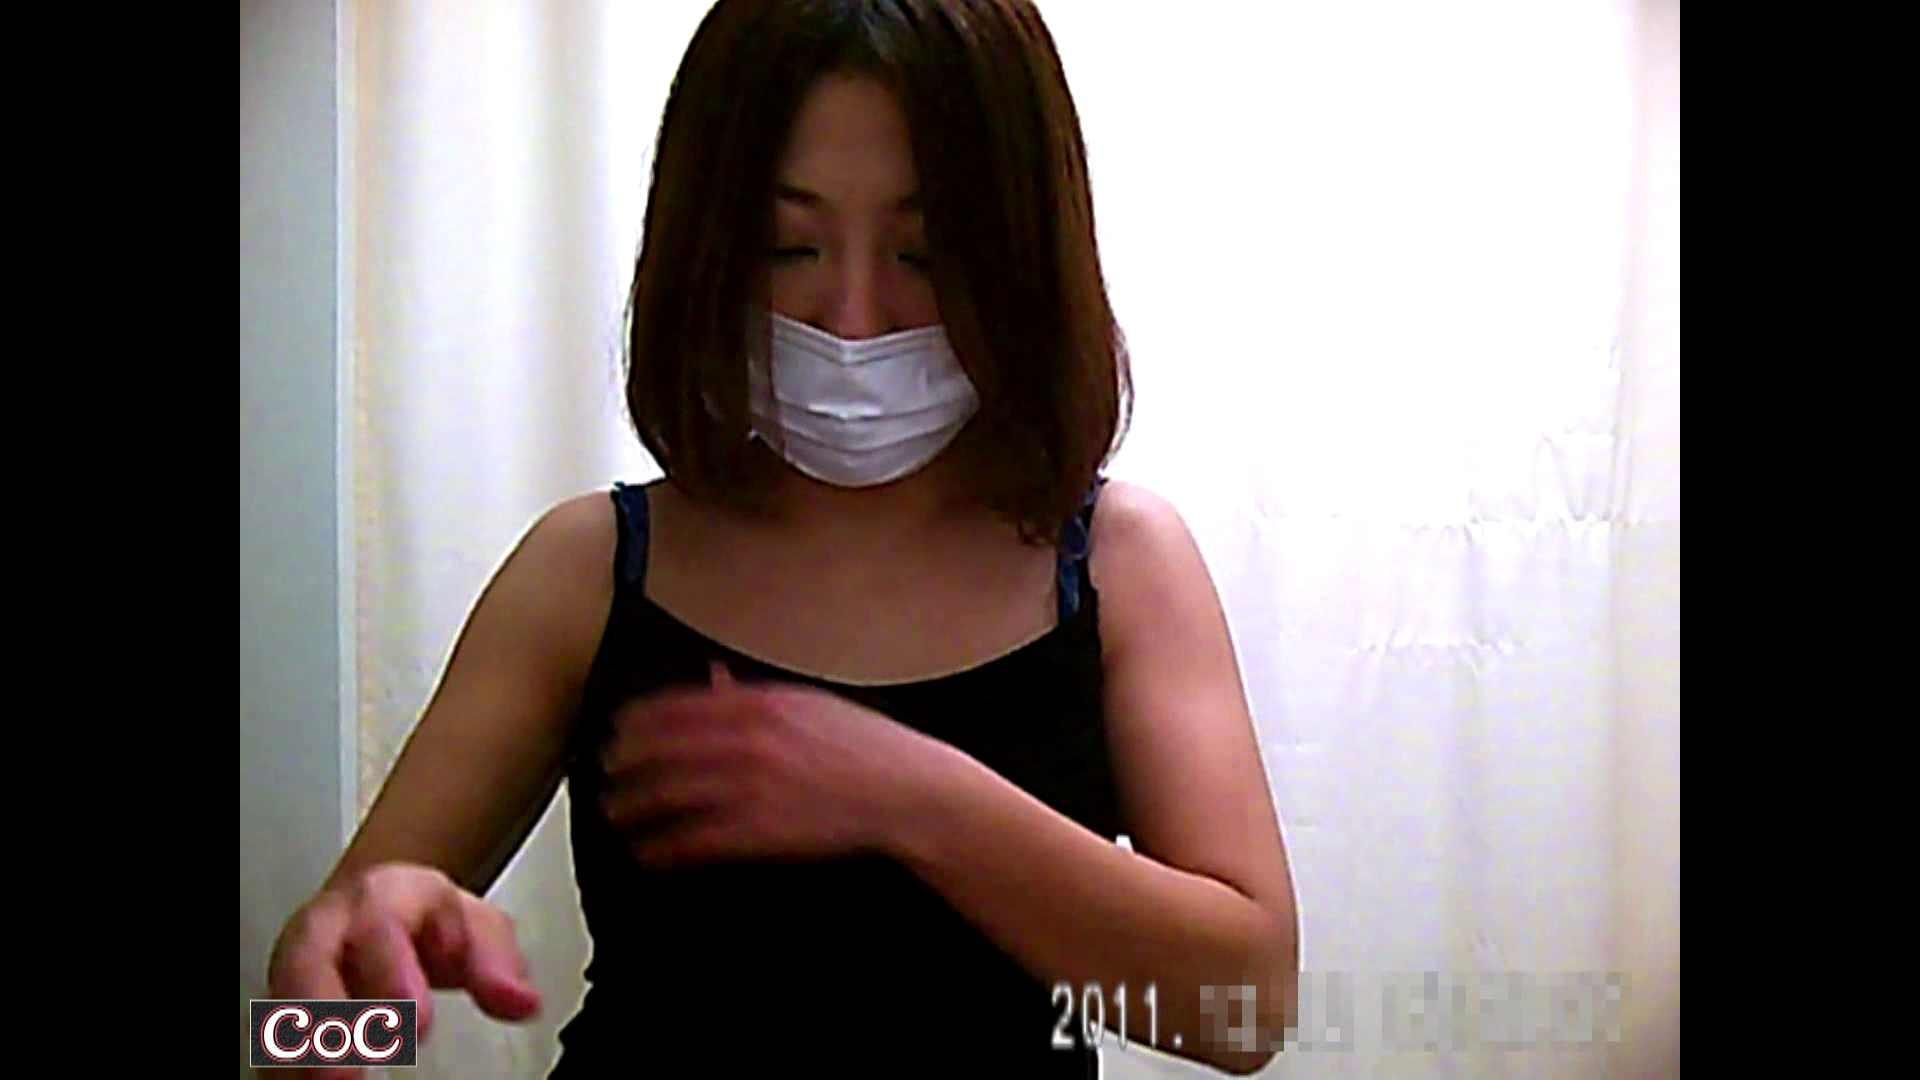 元医者による反抗 更衣室地獄絵巻 vol.188  88枚